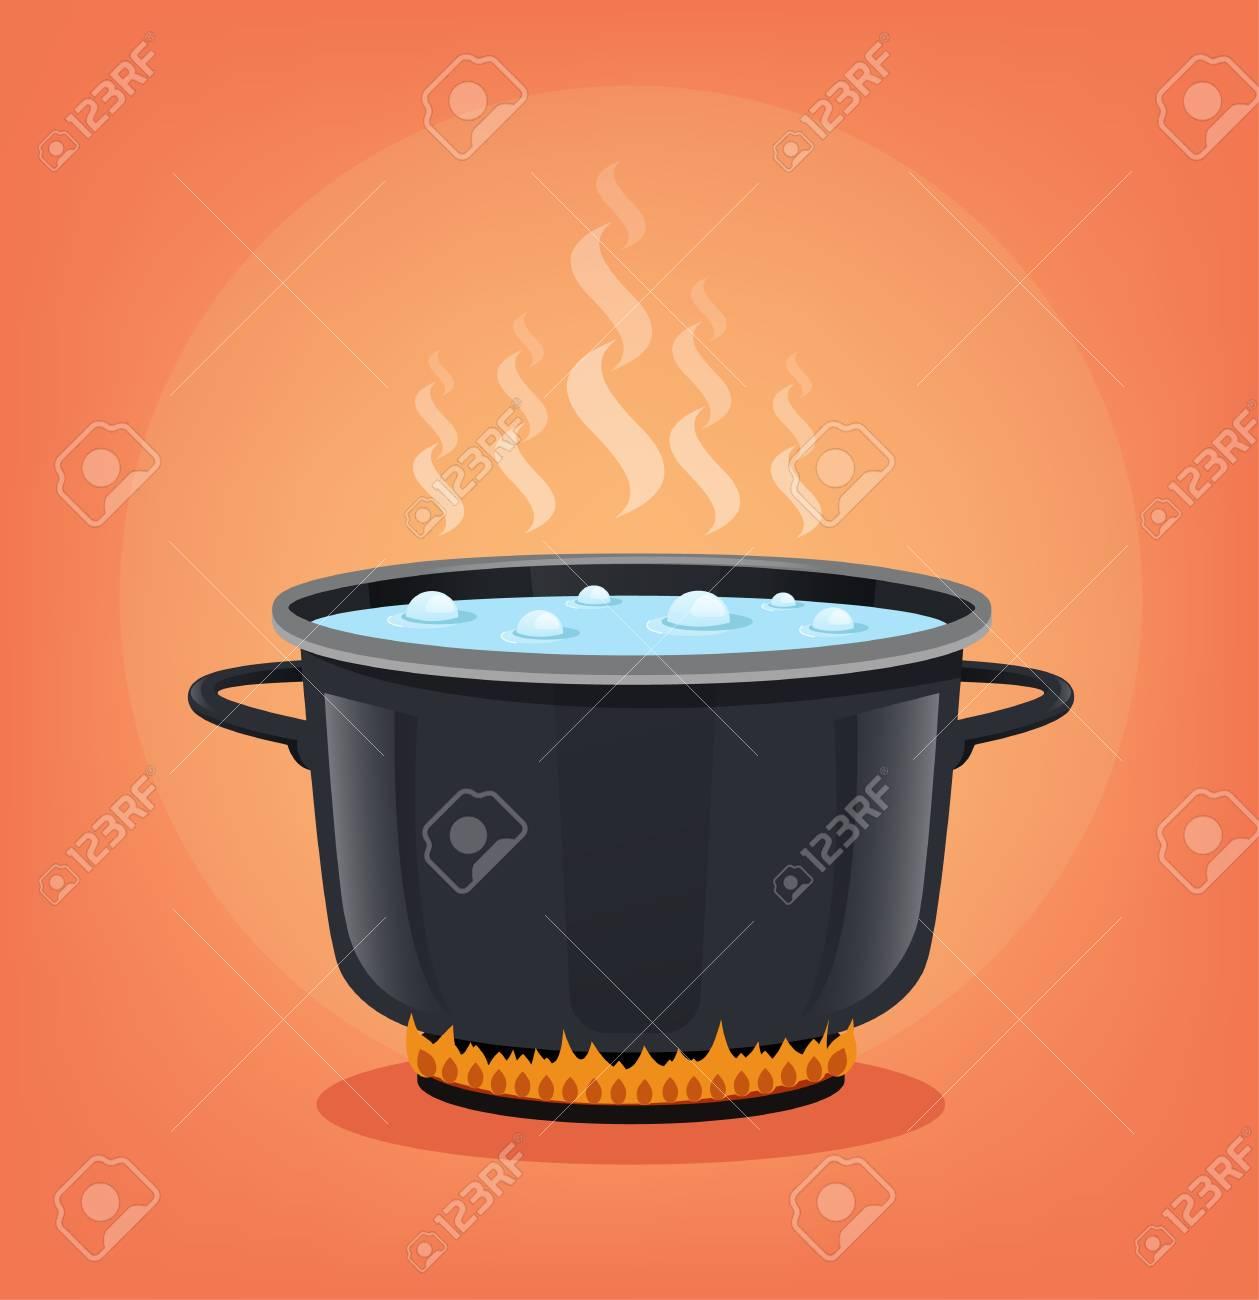 Dessin Casserole Cuisine bouillir l'eau dans une casserole noire. concept de cuisine